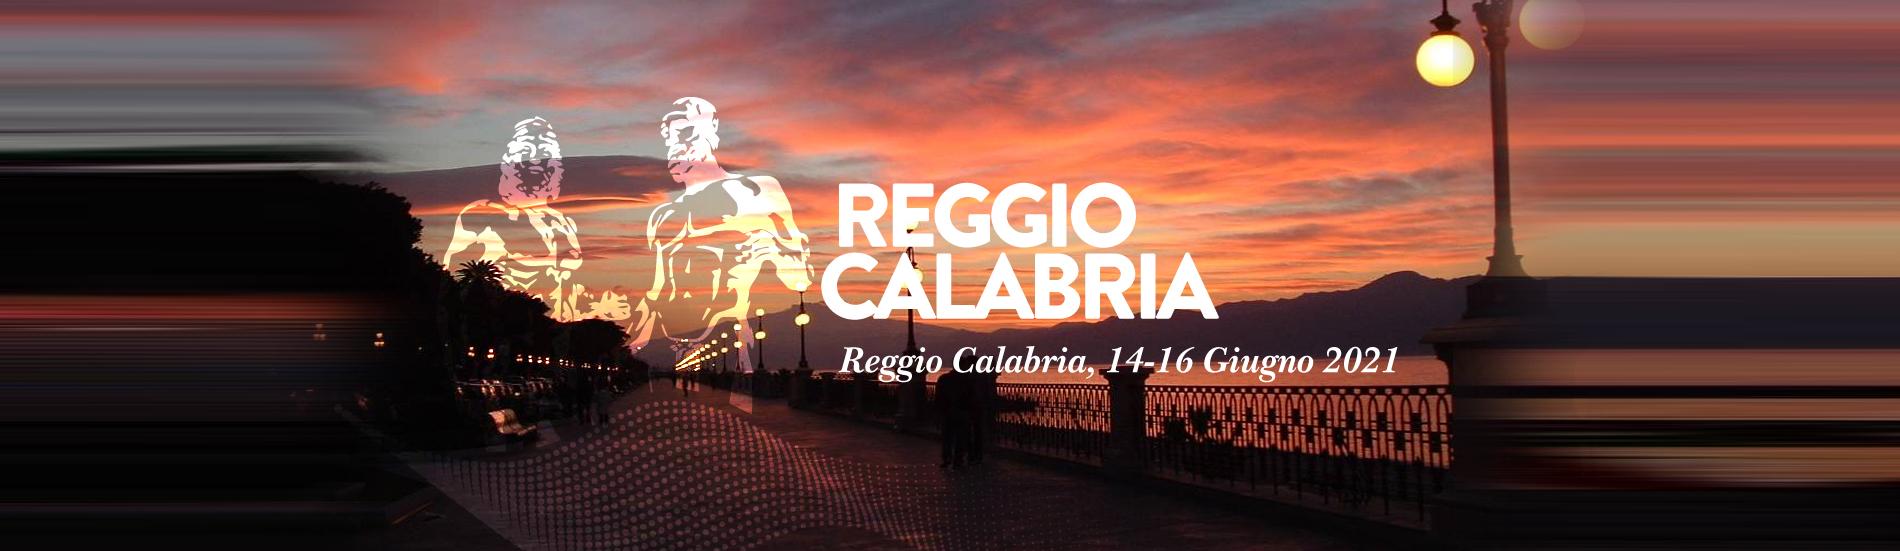 Reggio Calabria, 14-16 giugno 2021